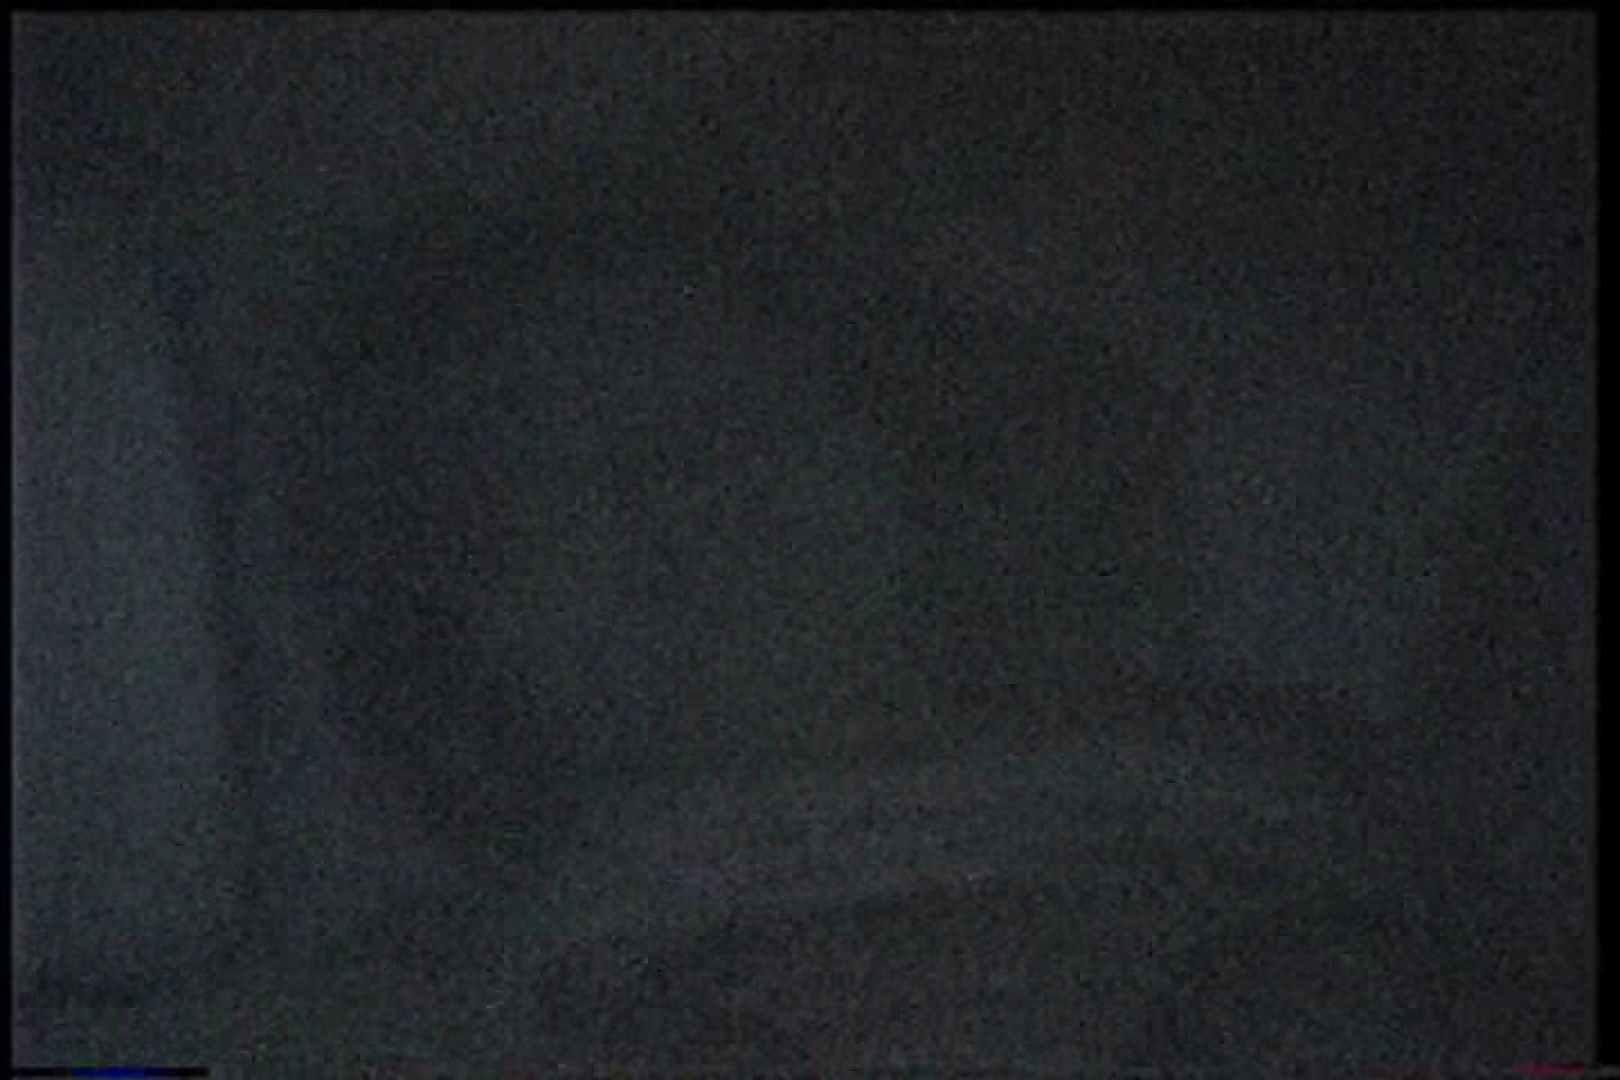 充血監督の深夜の運動会Vol.181 OLセックス 盗撮オマンコ無修正動画無料 84画像 7